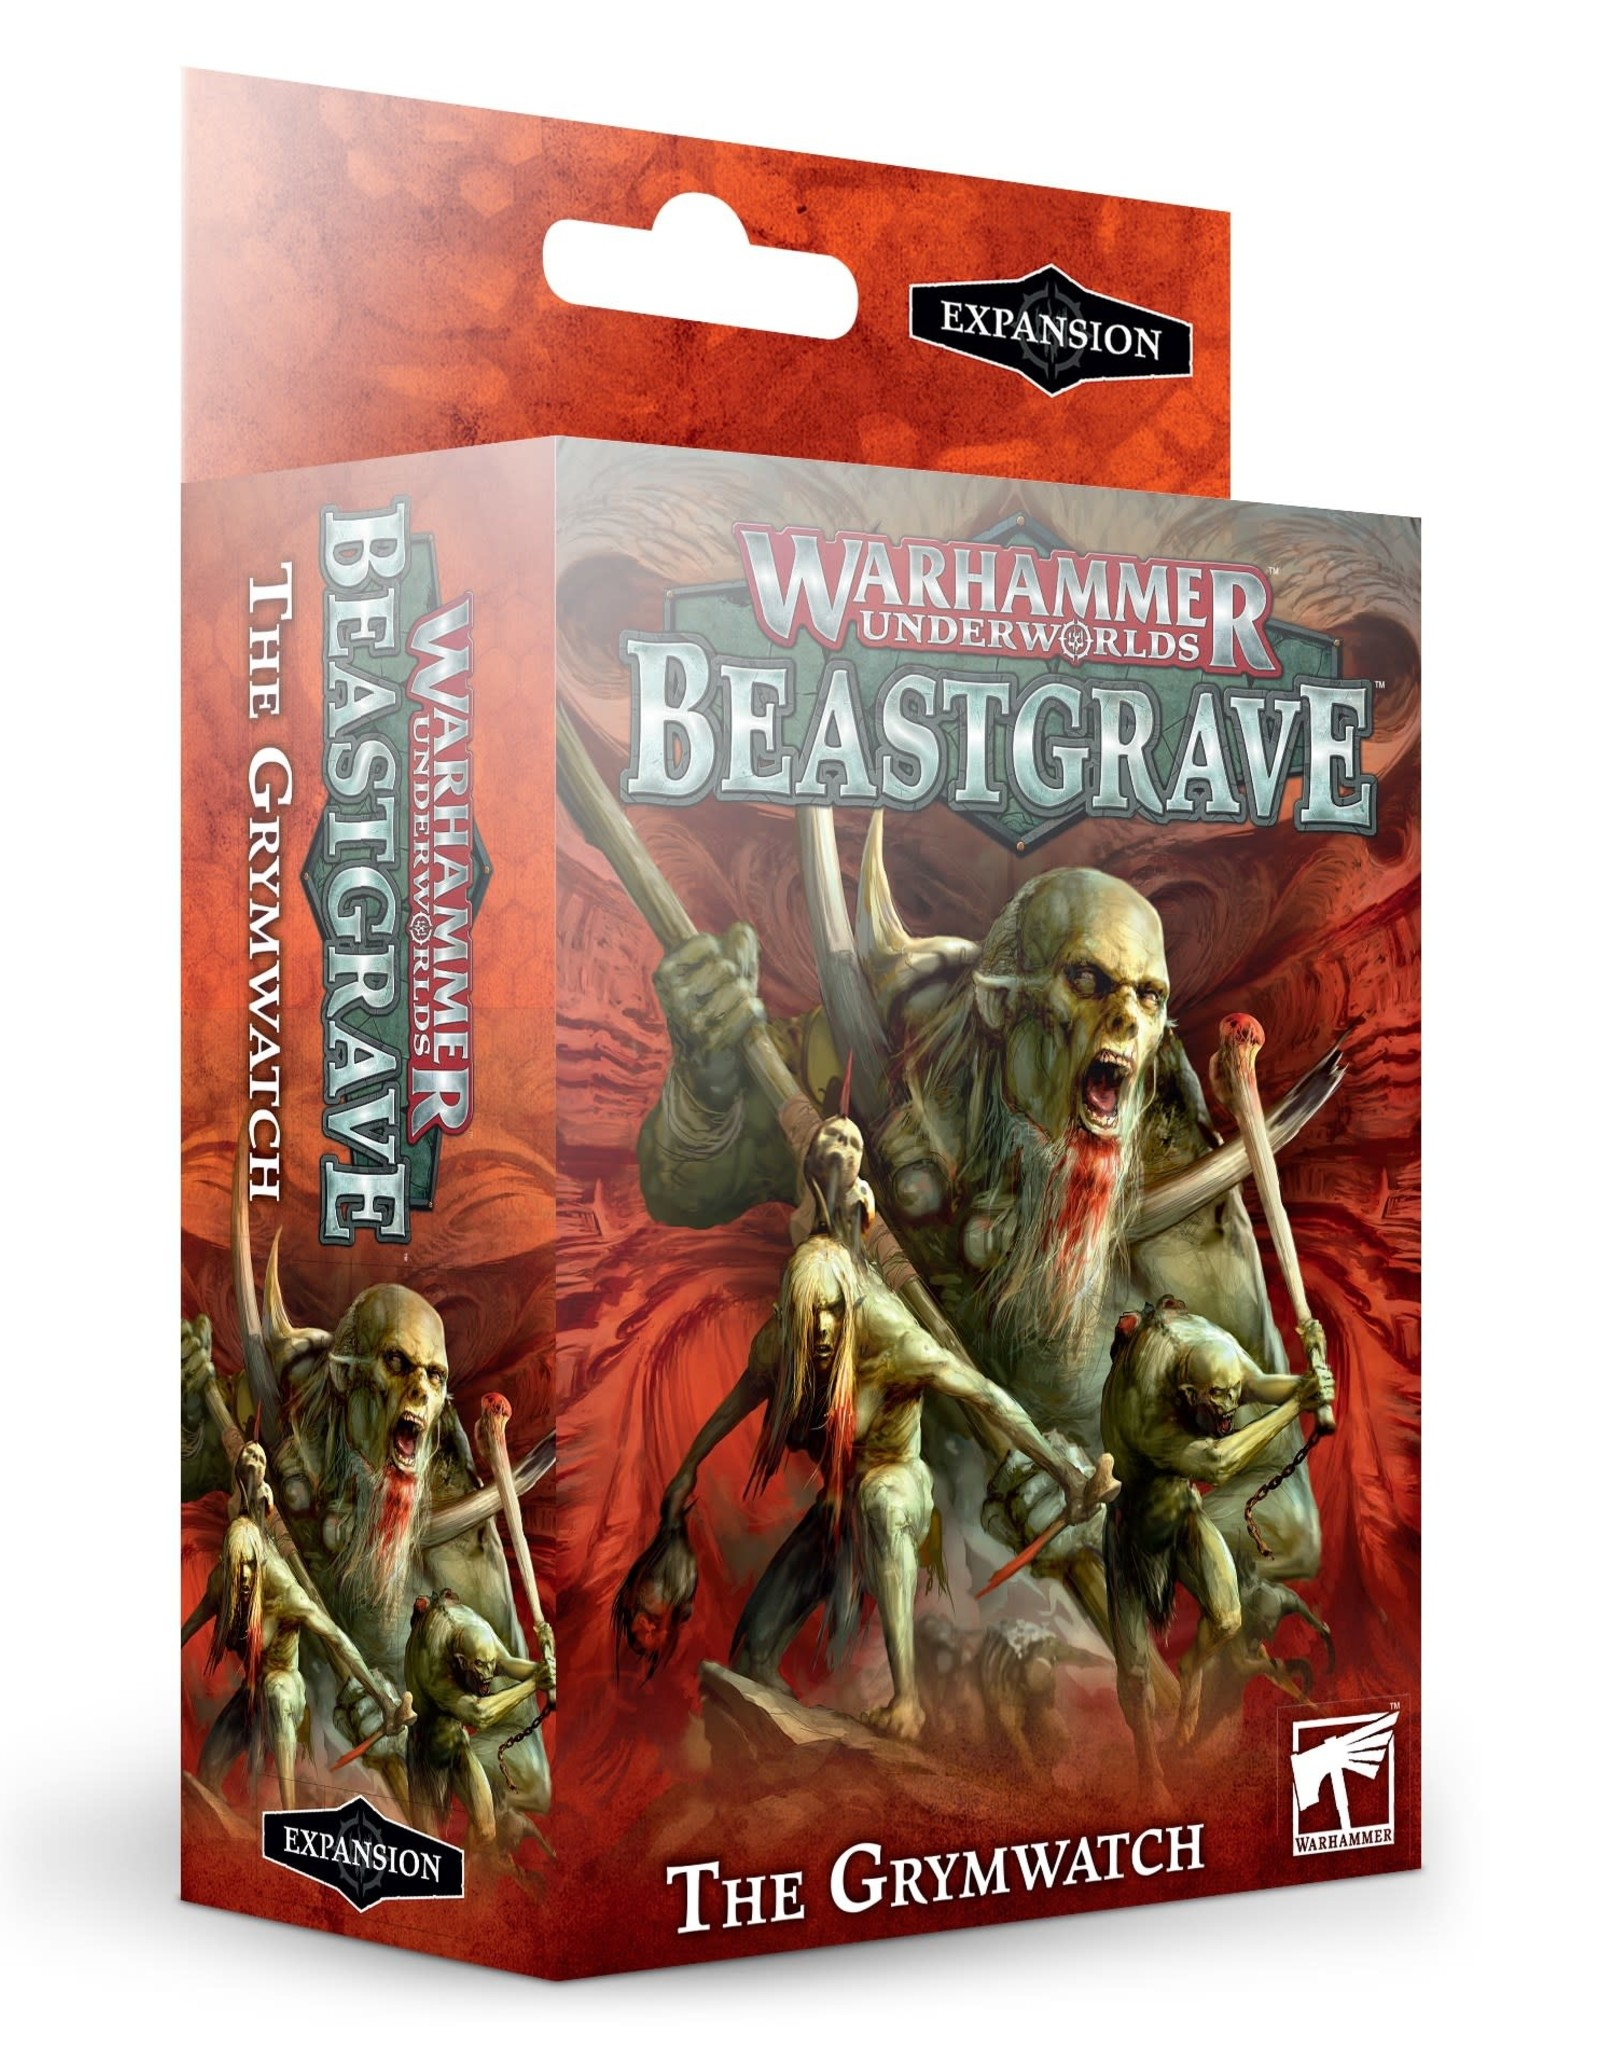 Warhammer Underworlds Warhammer Underworlds: The Grymwatch